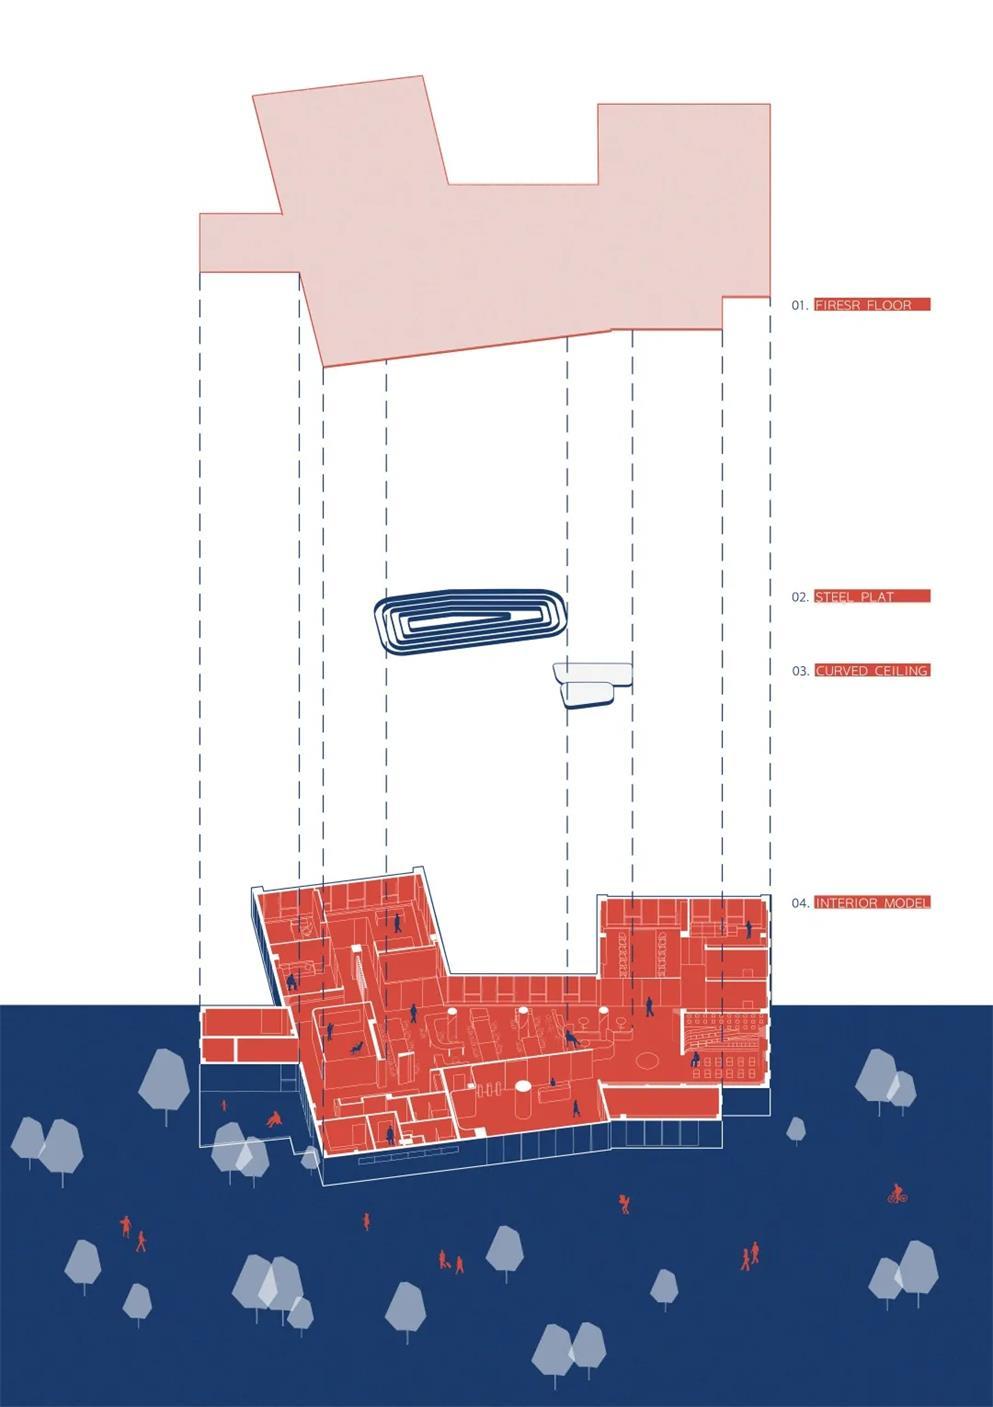 办公室结构剖析图